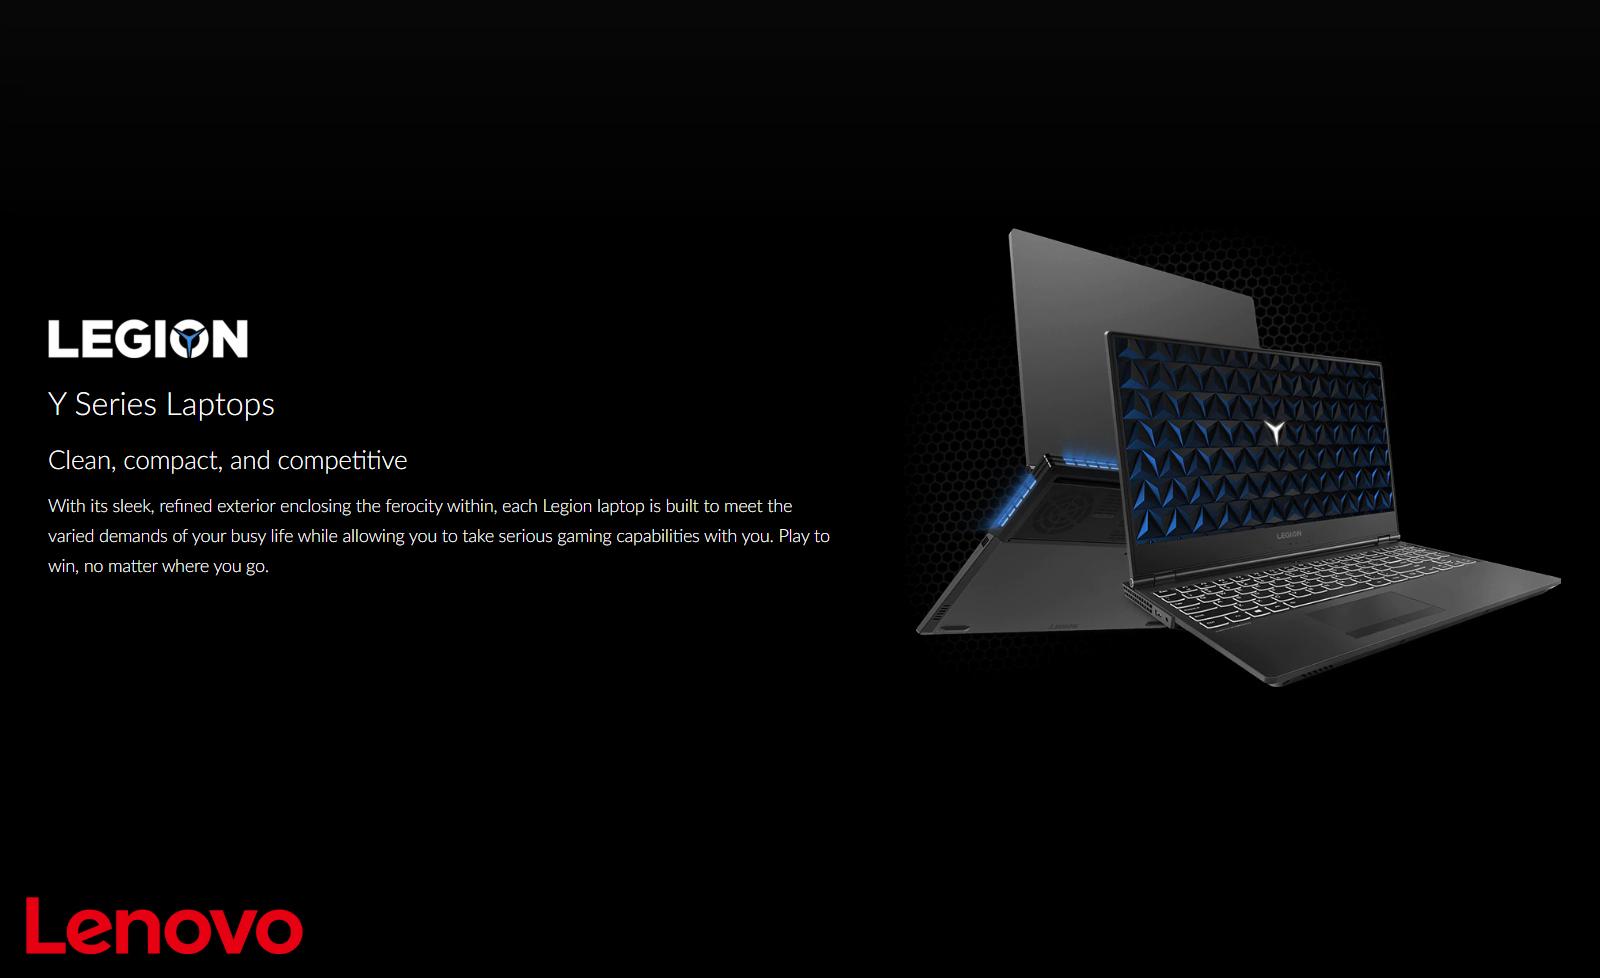 Lenovo Y Series Gaming Laptops